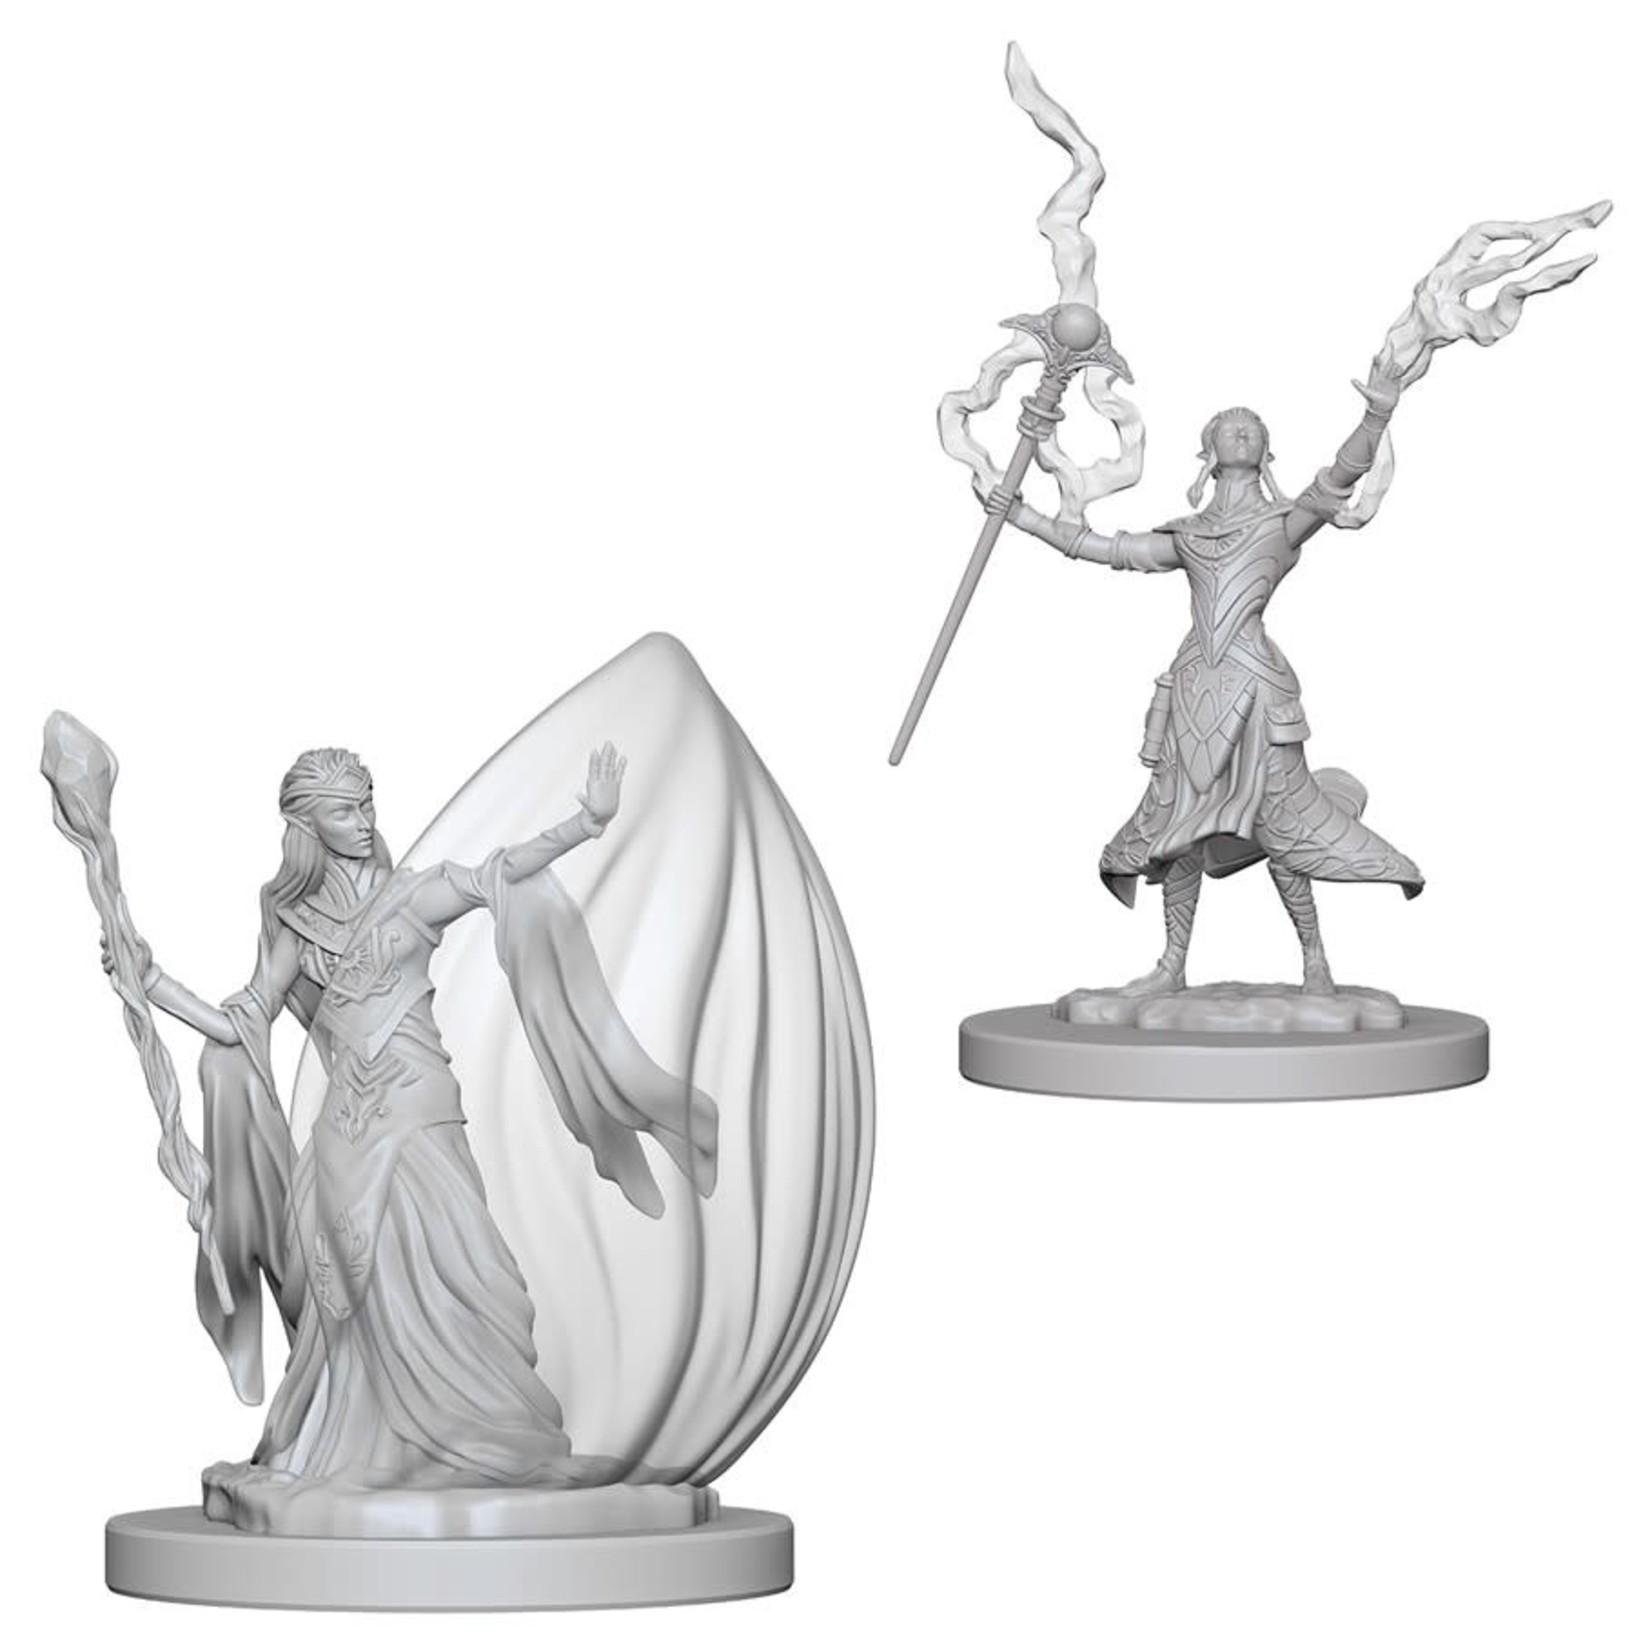 WizKids/Neca 72623 Nolzur's Elf Female Wizard